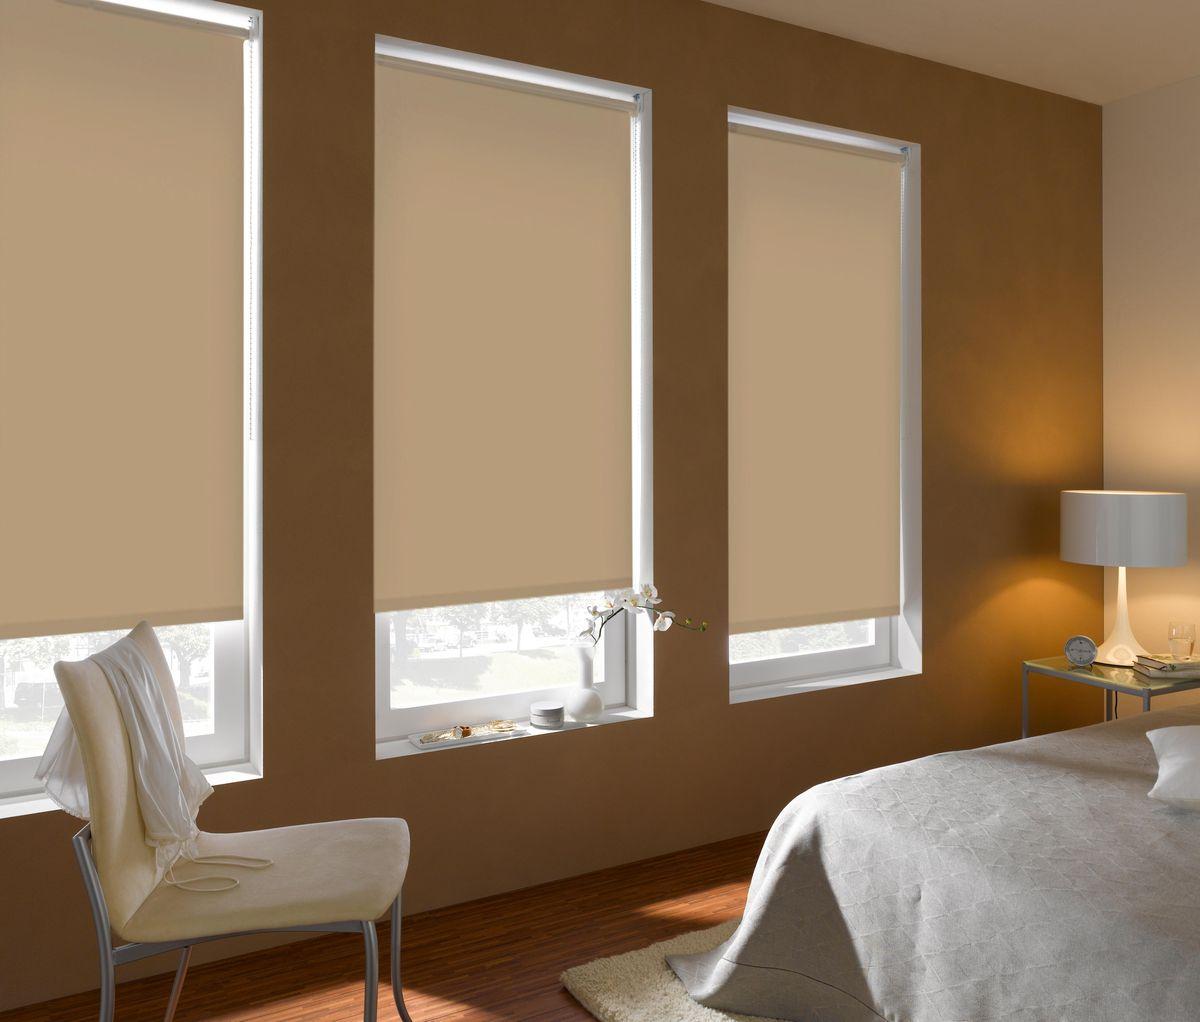 Штора рулонная Эскар Blackout, светонепроницаемая, цвет: бежевый, ширина 80 см, высота 170 см84009080170Рулонными шторами можно оформлять окна как самостоятельно, так и использовать в комбинации с портьерами. Это поможет предотвратить выгорание дорогой ткани на солнце и соединит функционал рулонных с красотой навесных.Преимущества применения рулонных штор для пластиковых окон:- имеют прекрасный внешний вид: многообразие и фактурность материала изделия отлично смотрятся в любом интерьере; - многофункциональны: есть возможность подобрать шторы способные эффективно защитить комнату от солнца, при этом она не будет слишком темной.- Есть возможность осуществить быстрый монтаж.ВНИМАНИЕ! Размеры ширины изделия указаны по ширине ткани!Во время эксплуатации не рекомендуется полностью разматывать рулон, чтобы не оторвать ткань от намоточного вала.В случае загрязнения поверхности ткани, чистку шторы проводят одним из способов, в зависимости от типа загрязнения: легкое поверхностное загрязнение можно удалить при помощи канцелярского ластика; чистка от пыли производится сухим методом при помощи пылесоса с мягкой щеткой-насадкой; для удаления пятна используйте мягкую губку с пенообразующим неагрессивным моющим средством или пятновыводитель на натуральной основе (нельзя применять растворители).